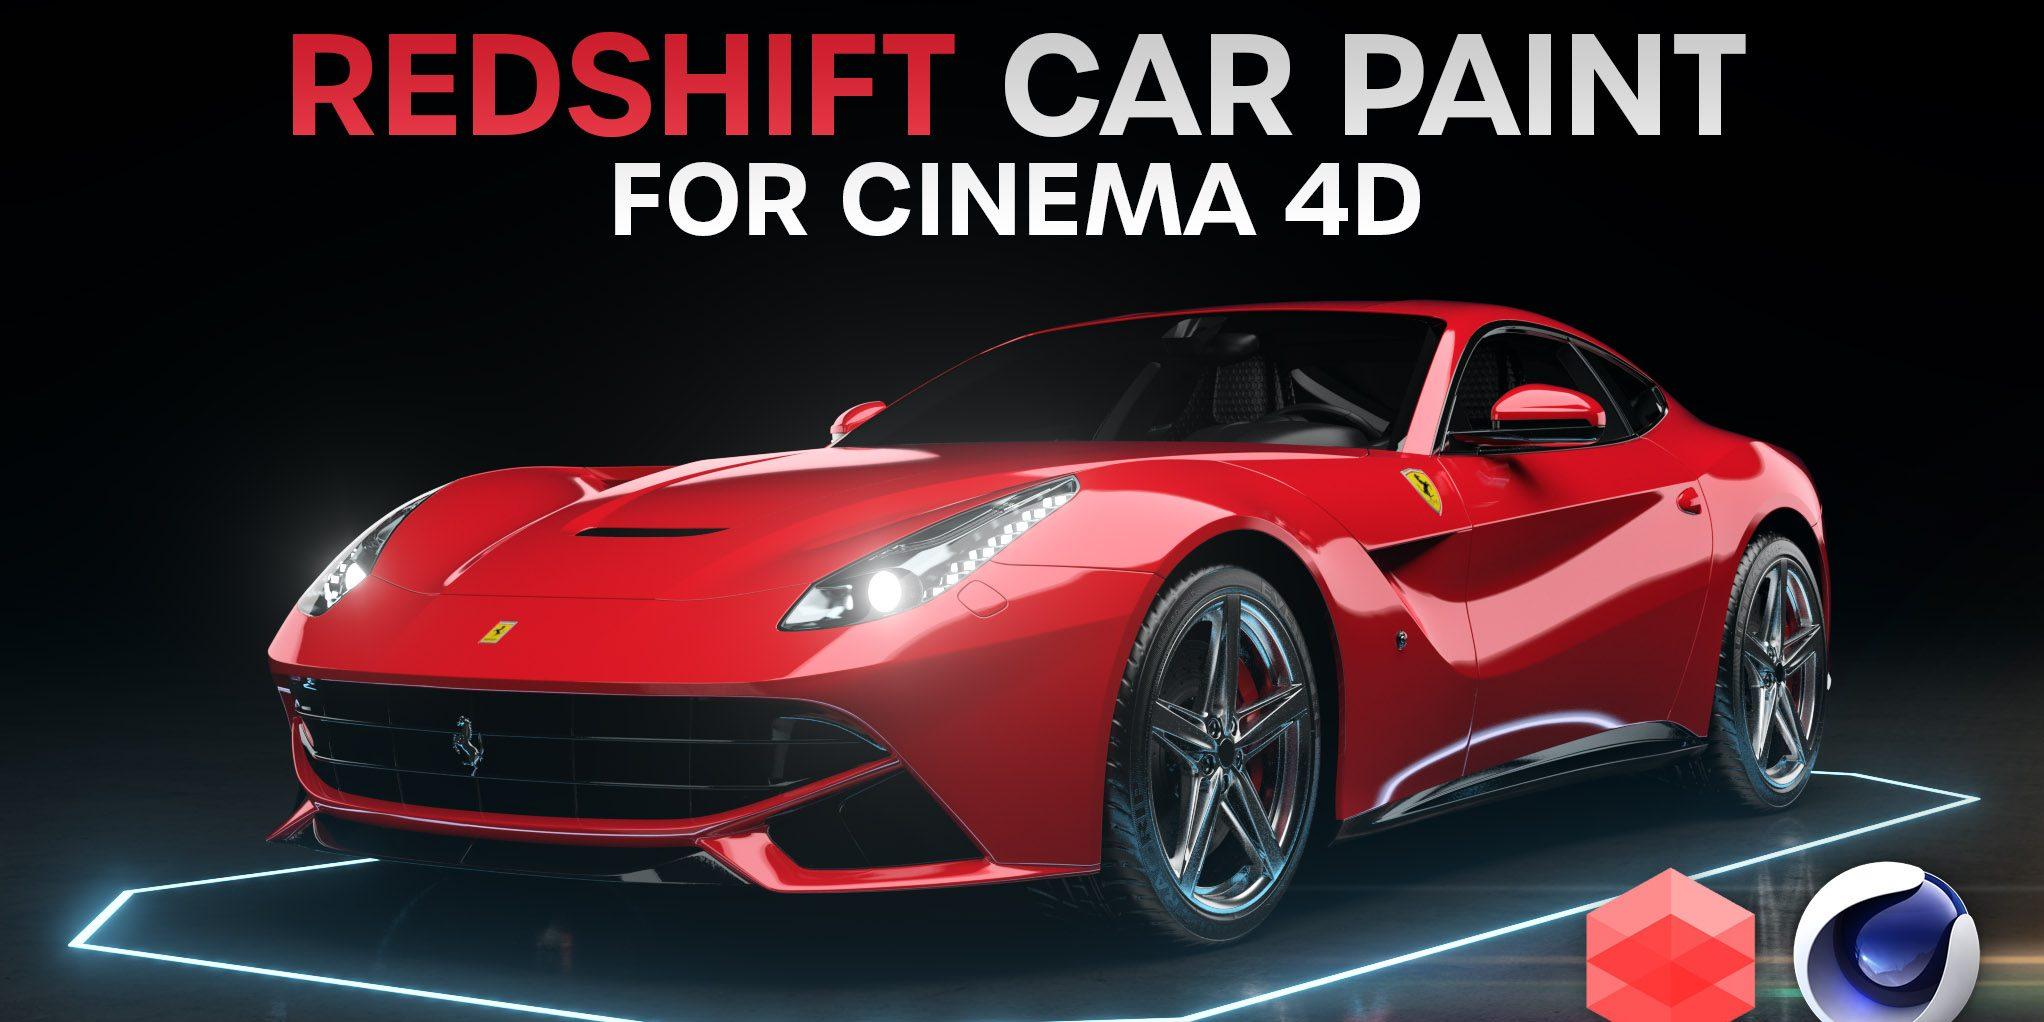 cinema 4d redshift car paint